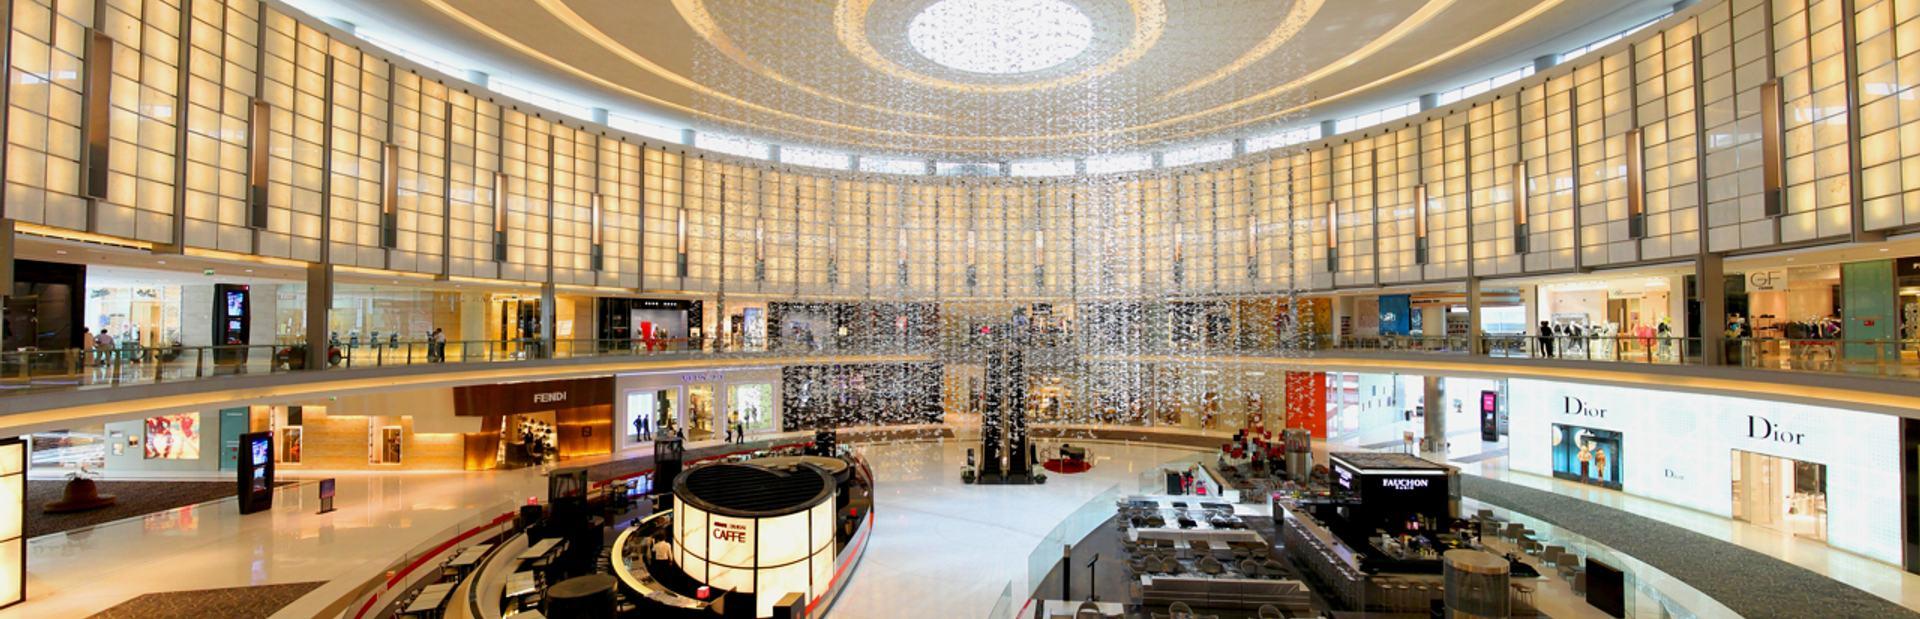 Fashion Avenue, The Dubai Mall, Dubai